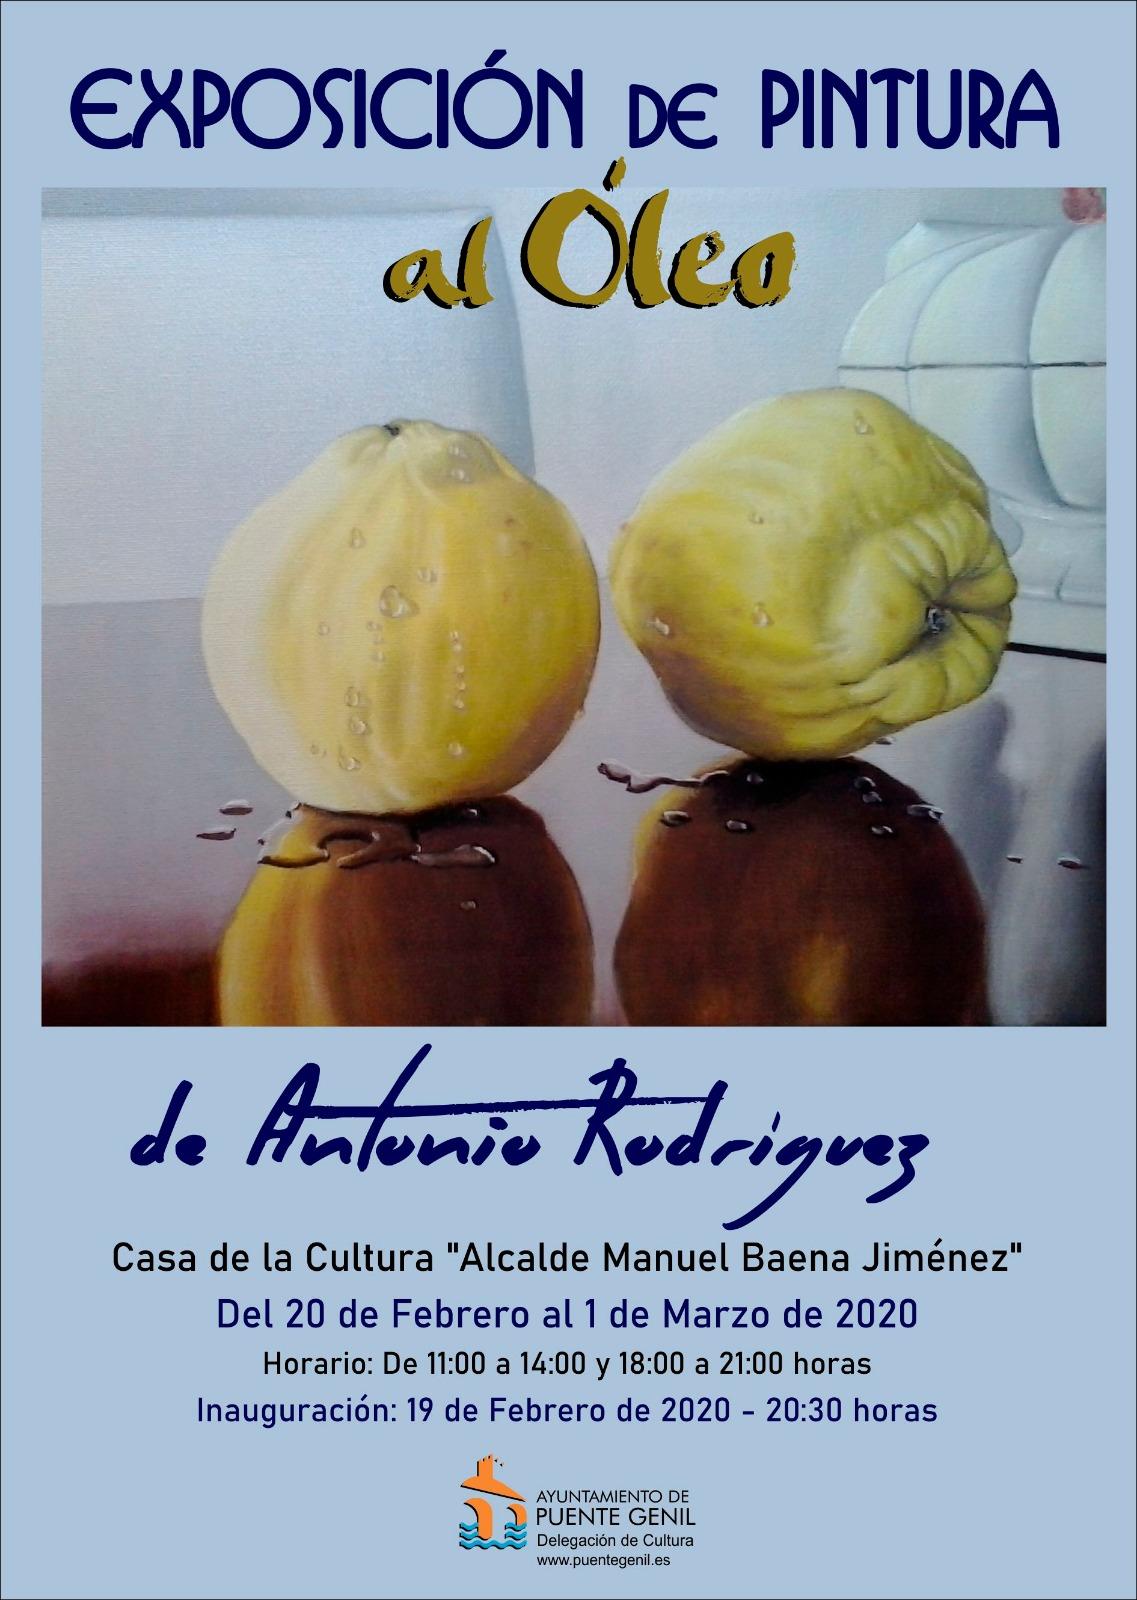 Exposición al óleo de Antonio Rodríguez